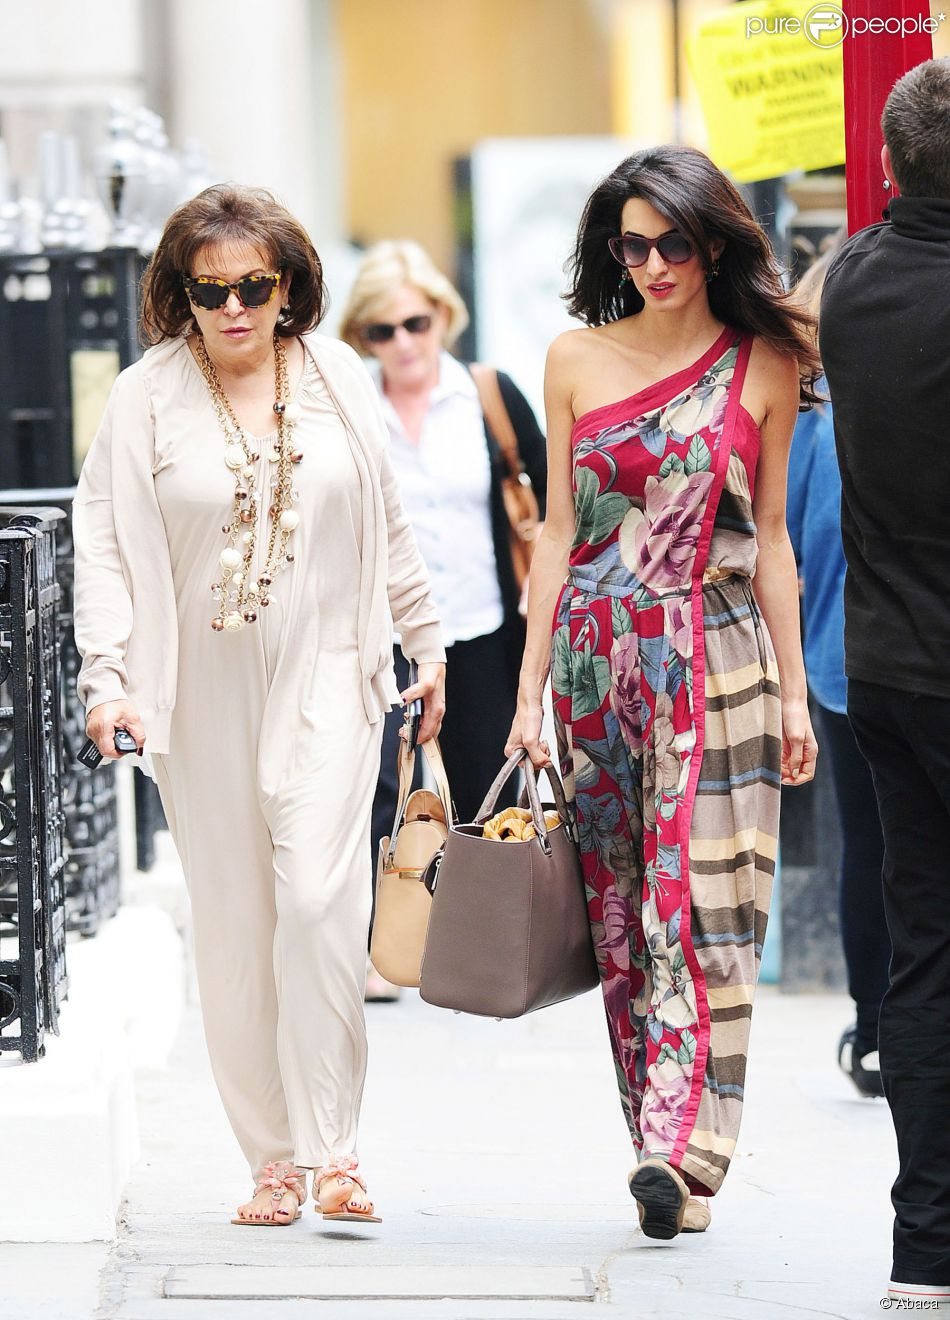 Amal Alamuddin avec sa mère l'influente journaliste libanaise Baria à Londres le 3 septembre 2014, à la recherche d'une robe de mariée pour la future femme de George Clooney ?